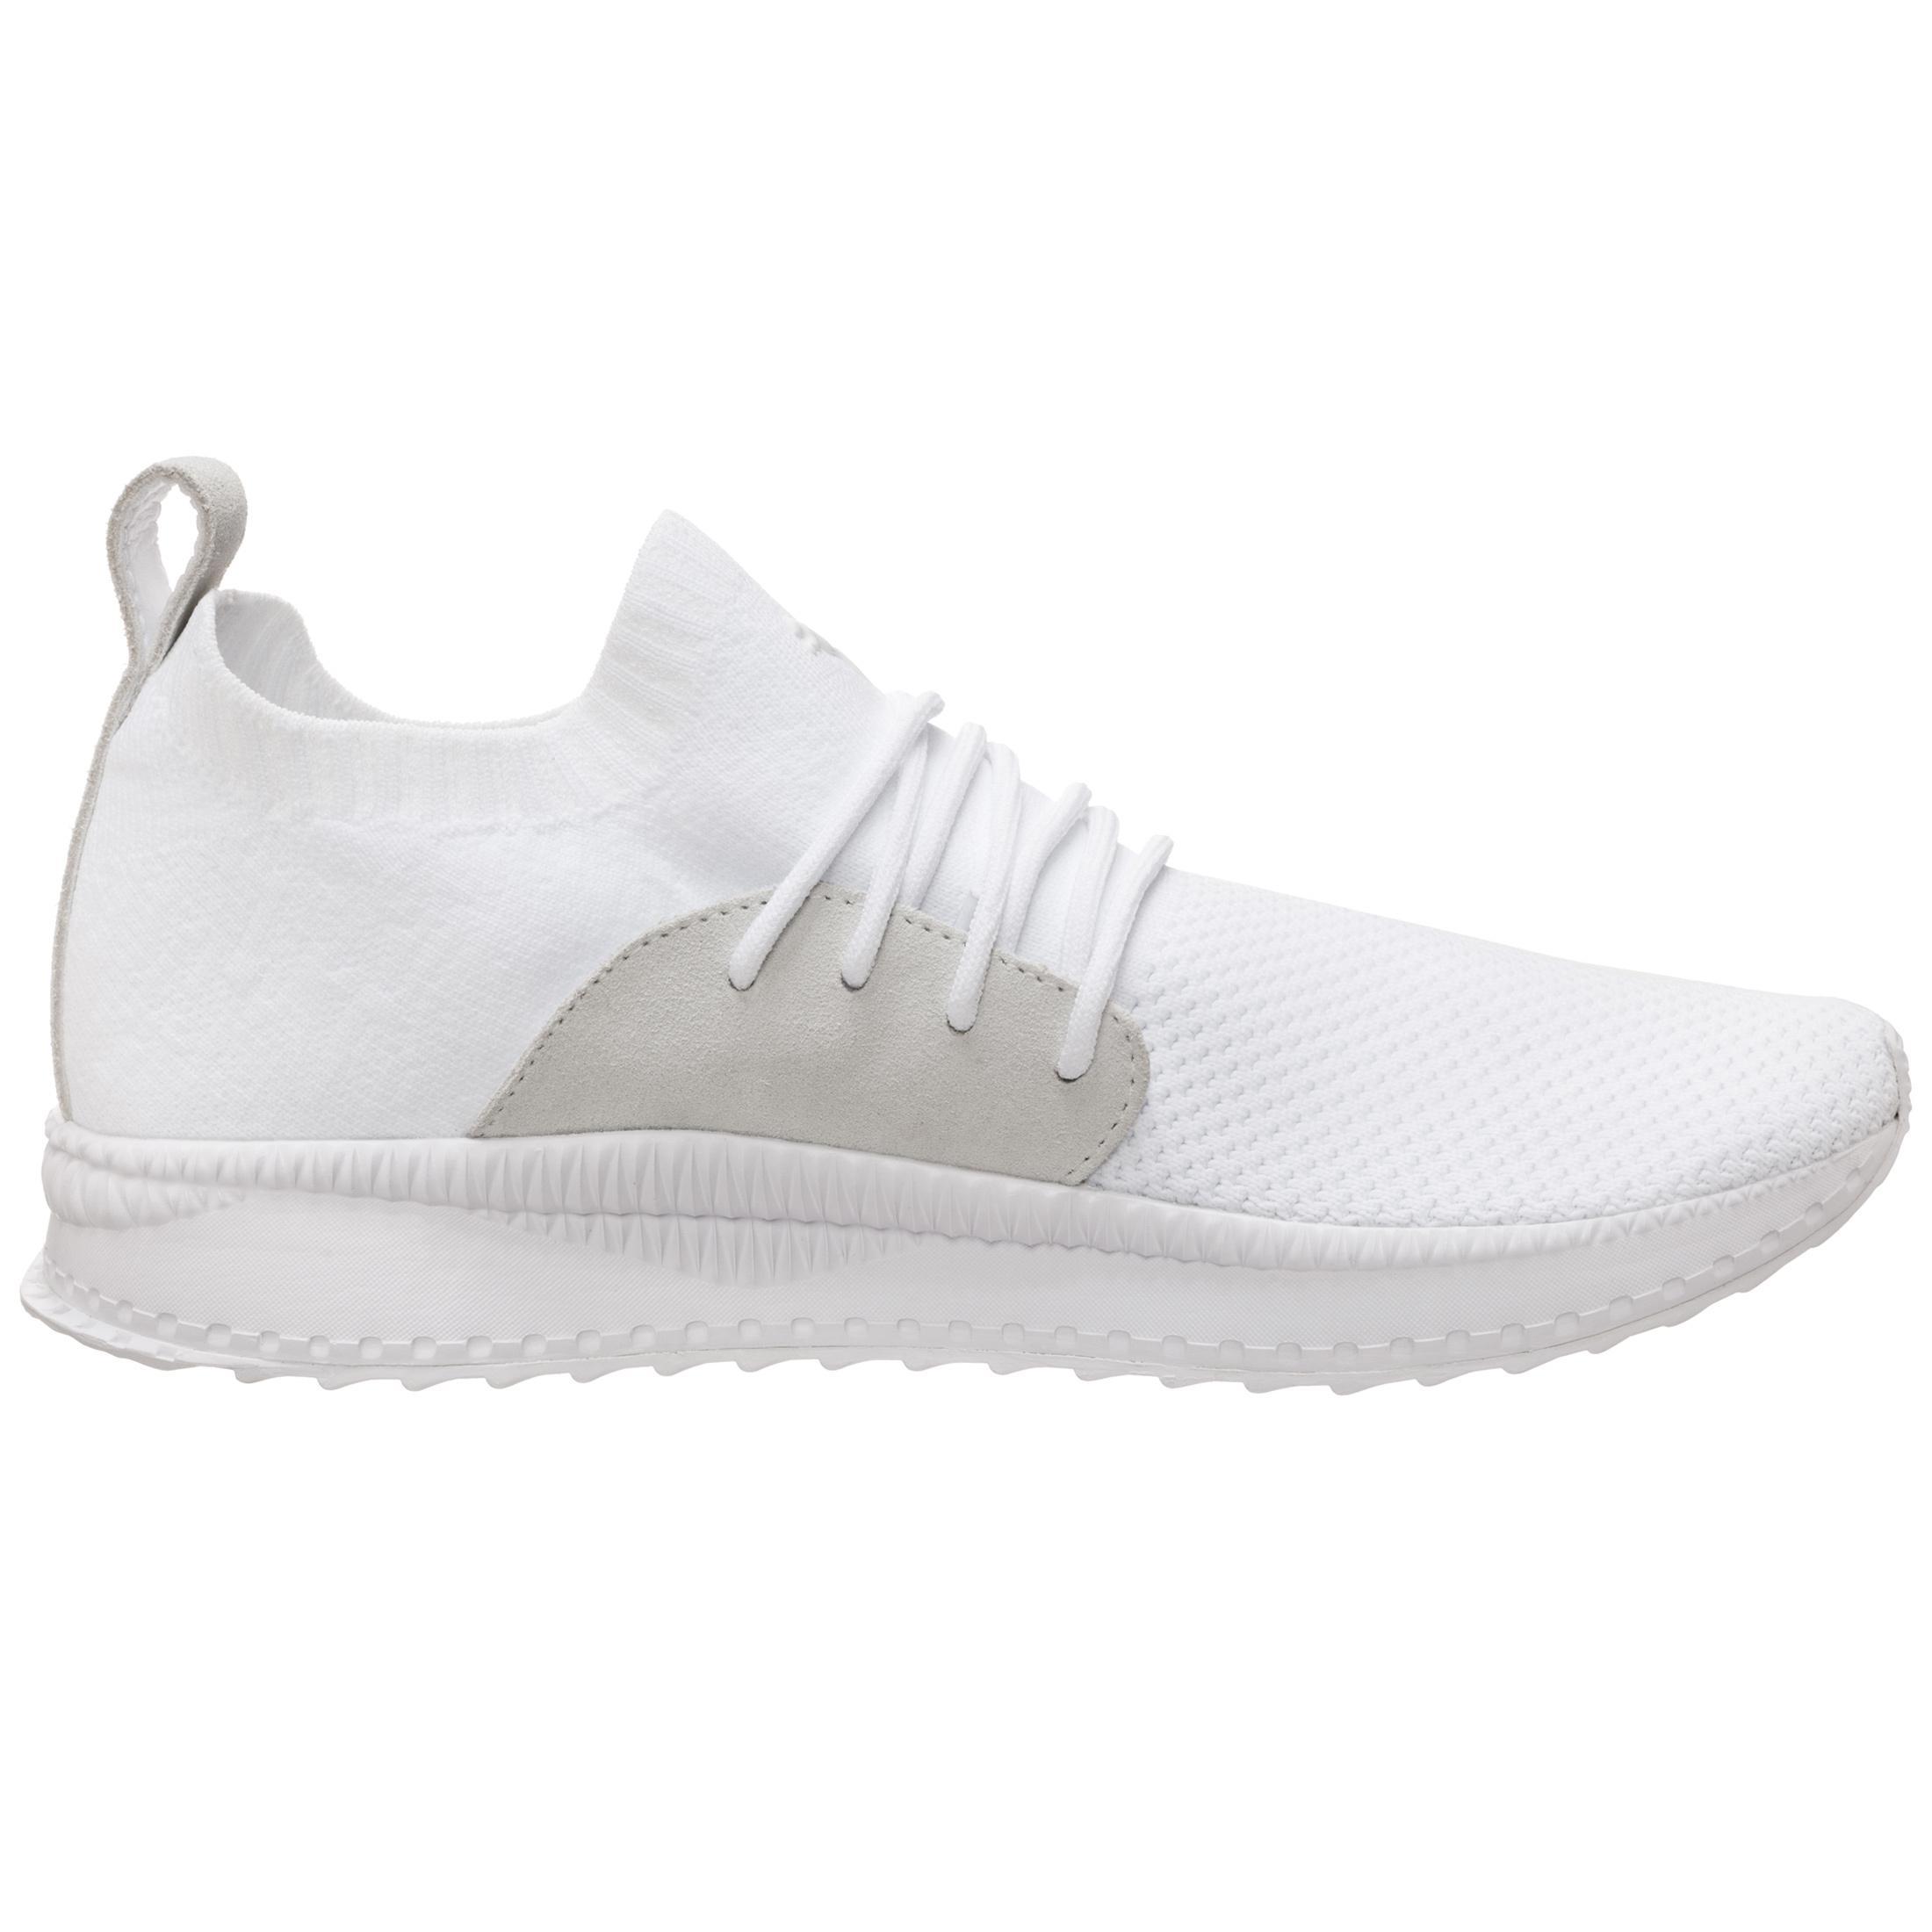 PUMA TSUGI Apex evoKNIT Sneaker Sneaker Sneaker weiß im Online Shop von SportScheck kaufen Gute Qualität beliebte Schuhe 48d3e1